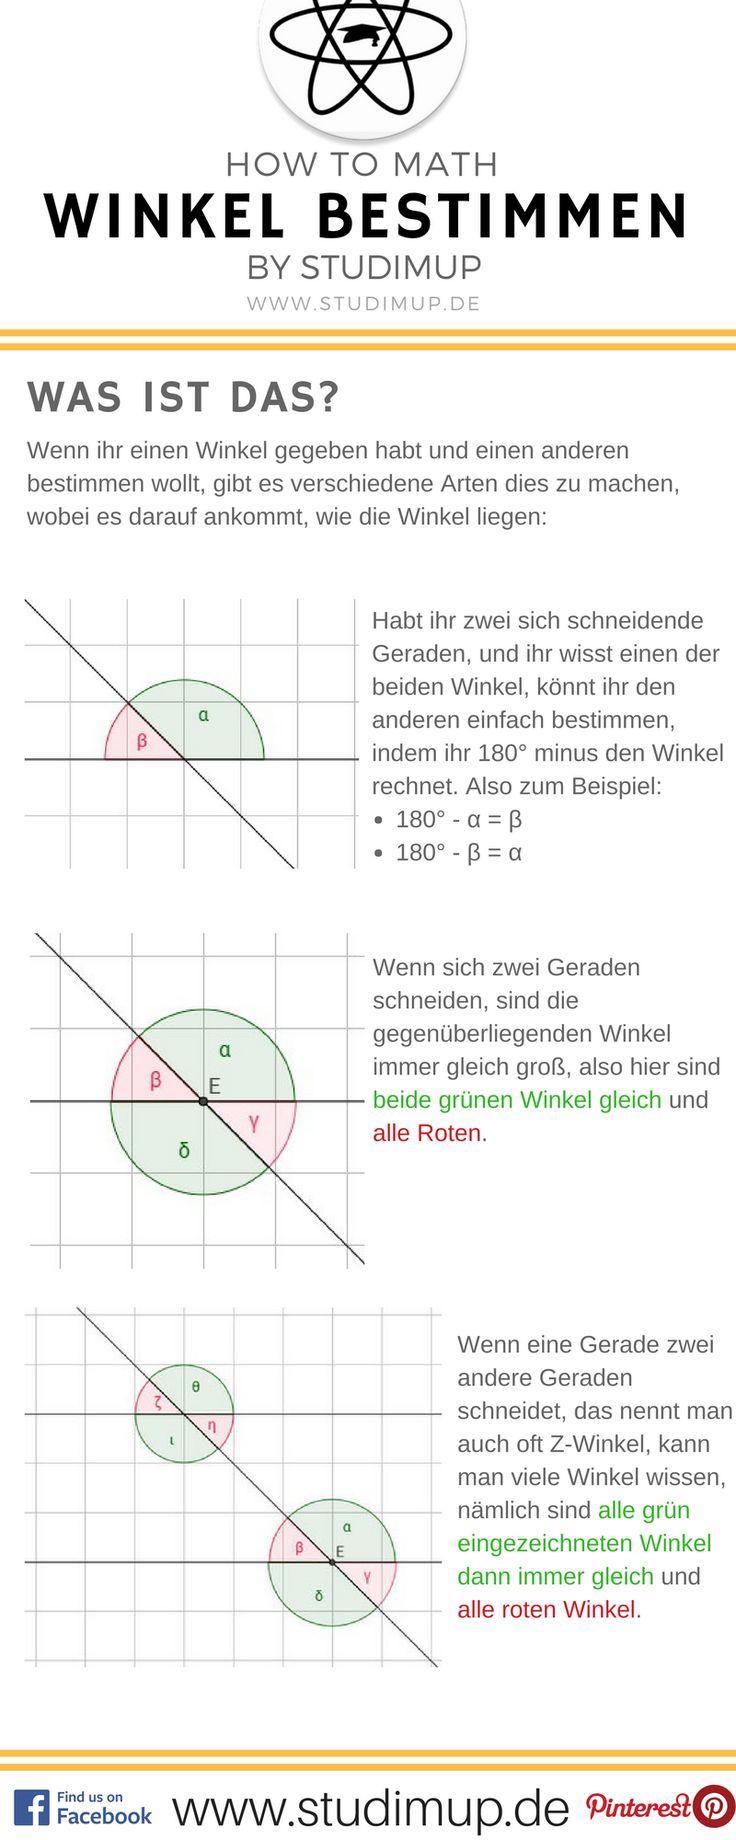 Ein Spickzettel dazu, wie man Winkel richtig bestimmt, also z.B. im Z-Winkel und…